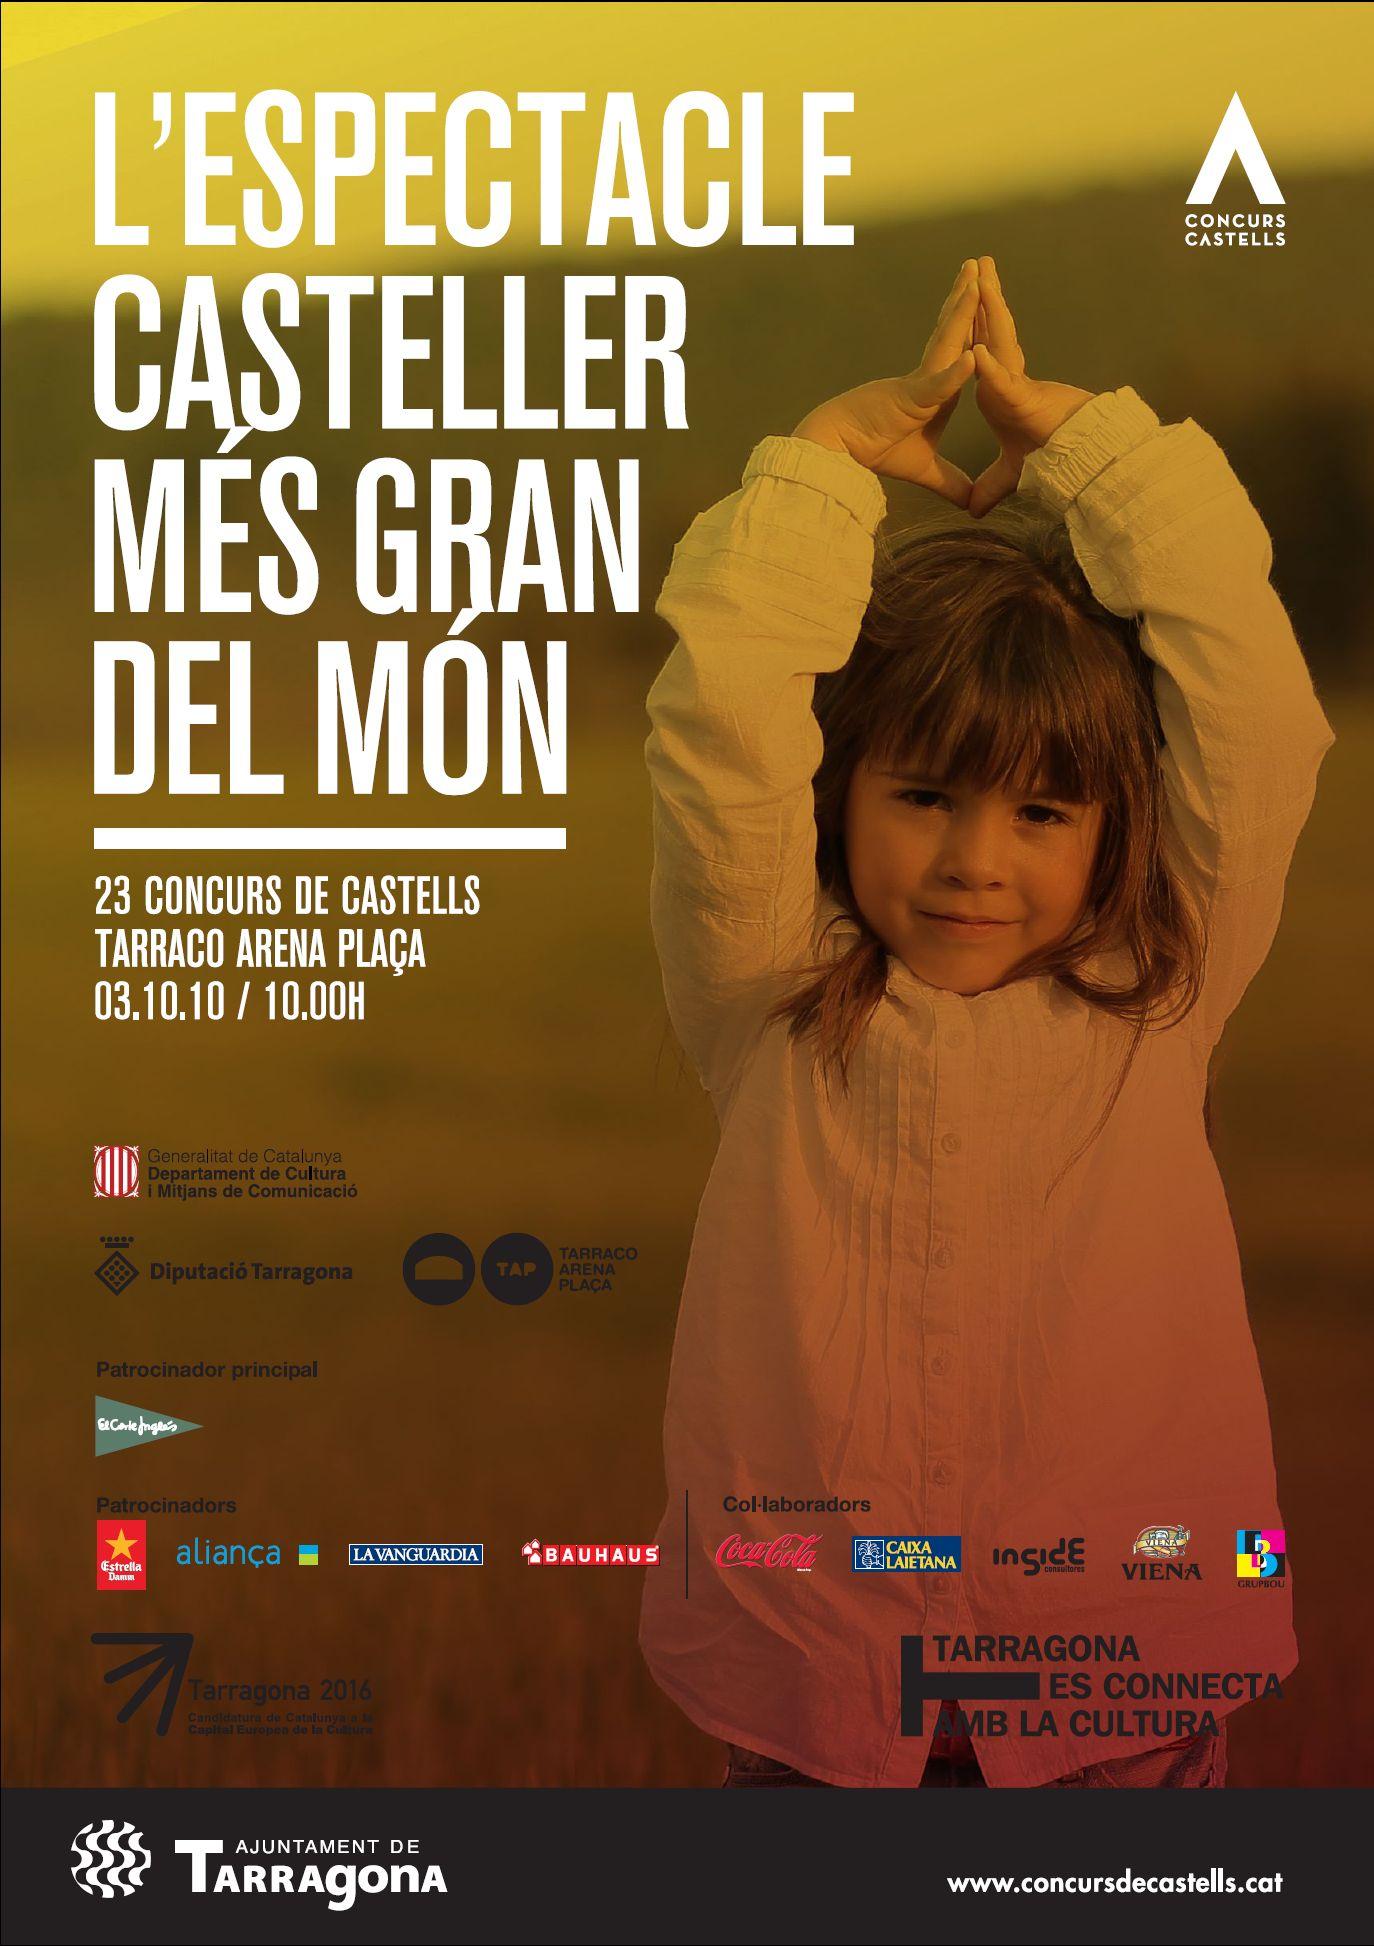 Cartell del Concurs de Castells de 2010, obra d'Inside Consultores